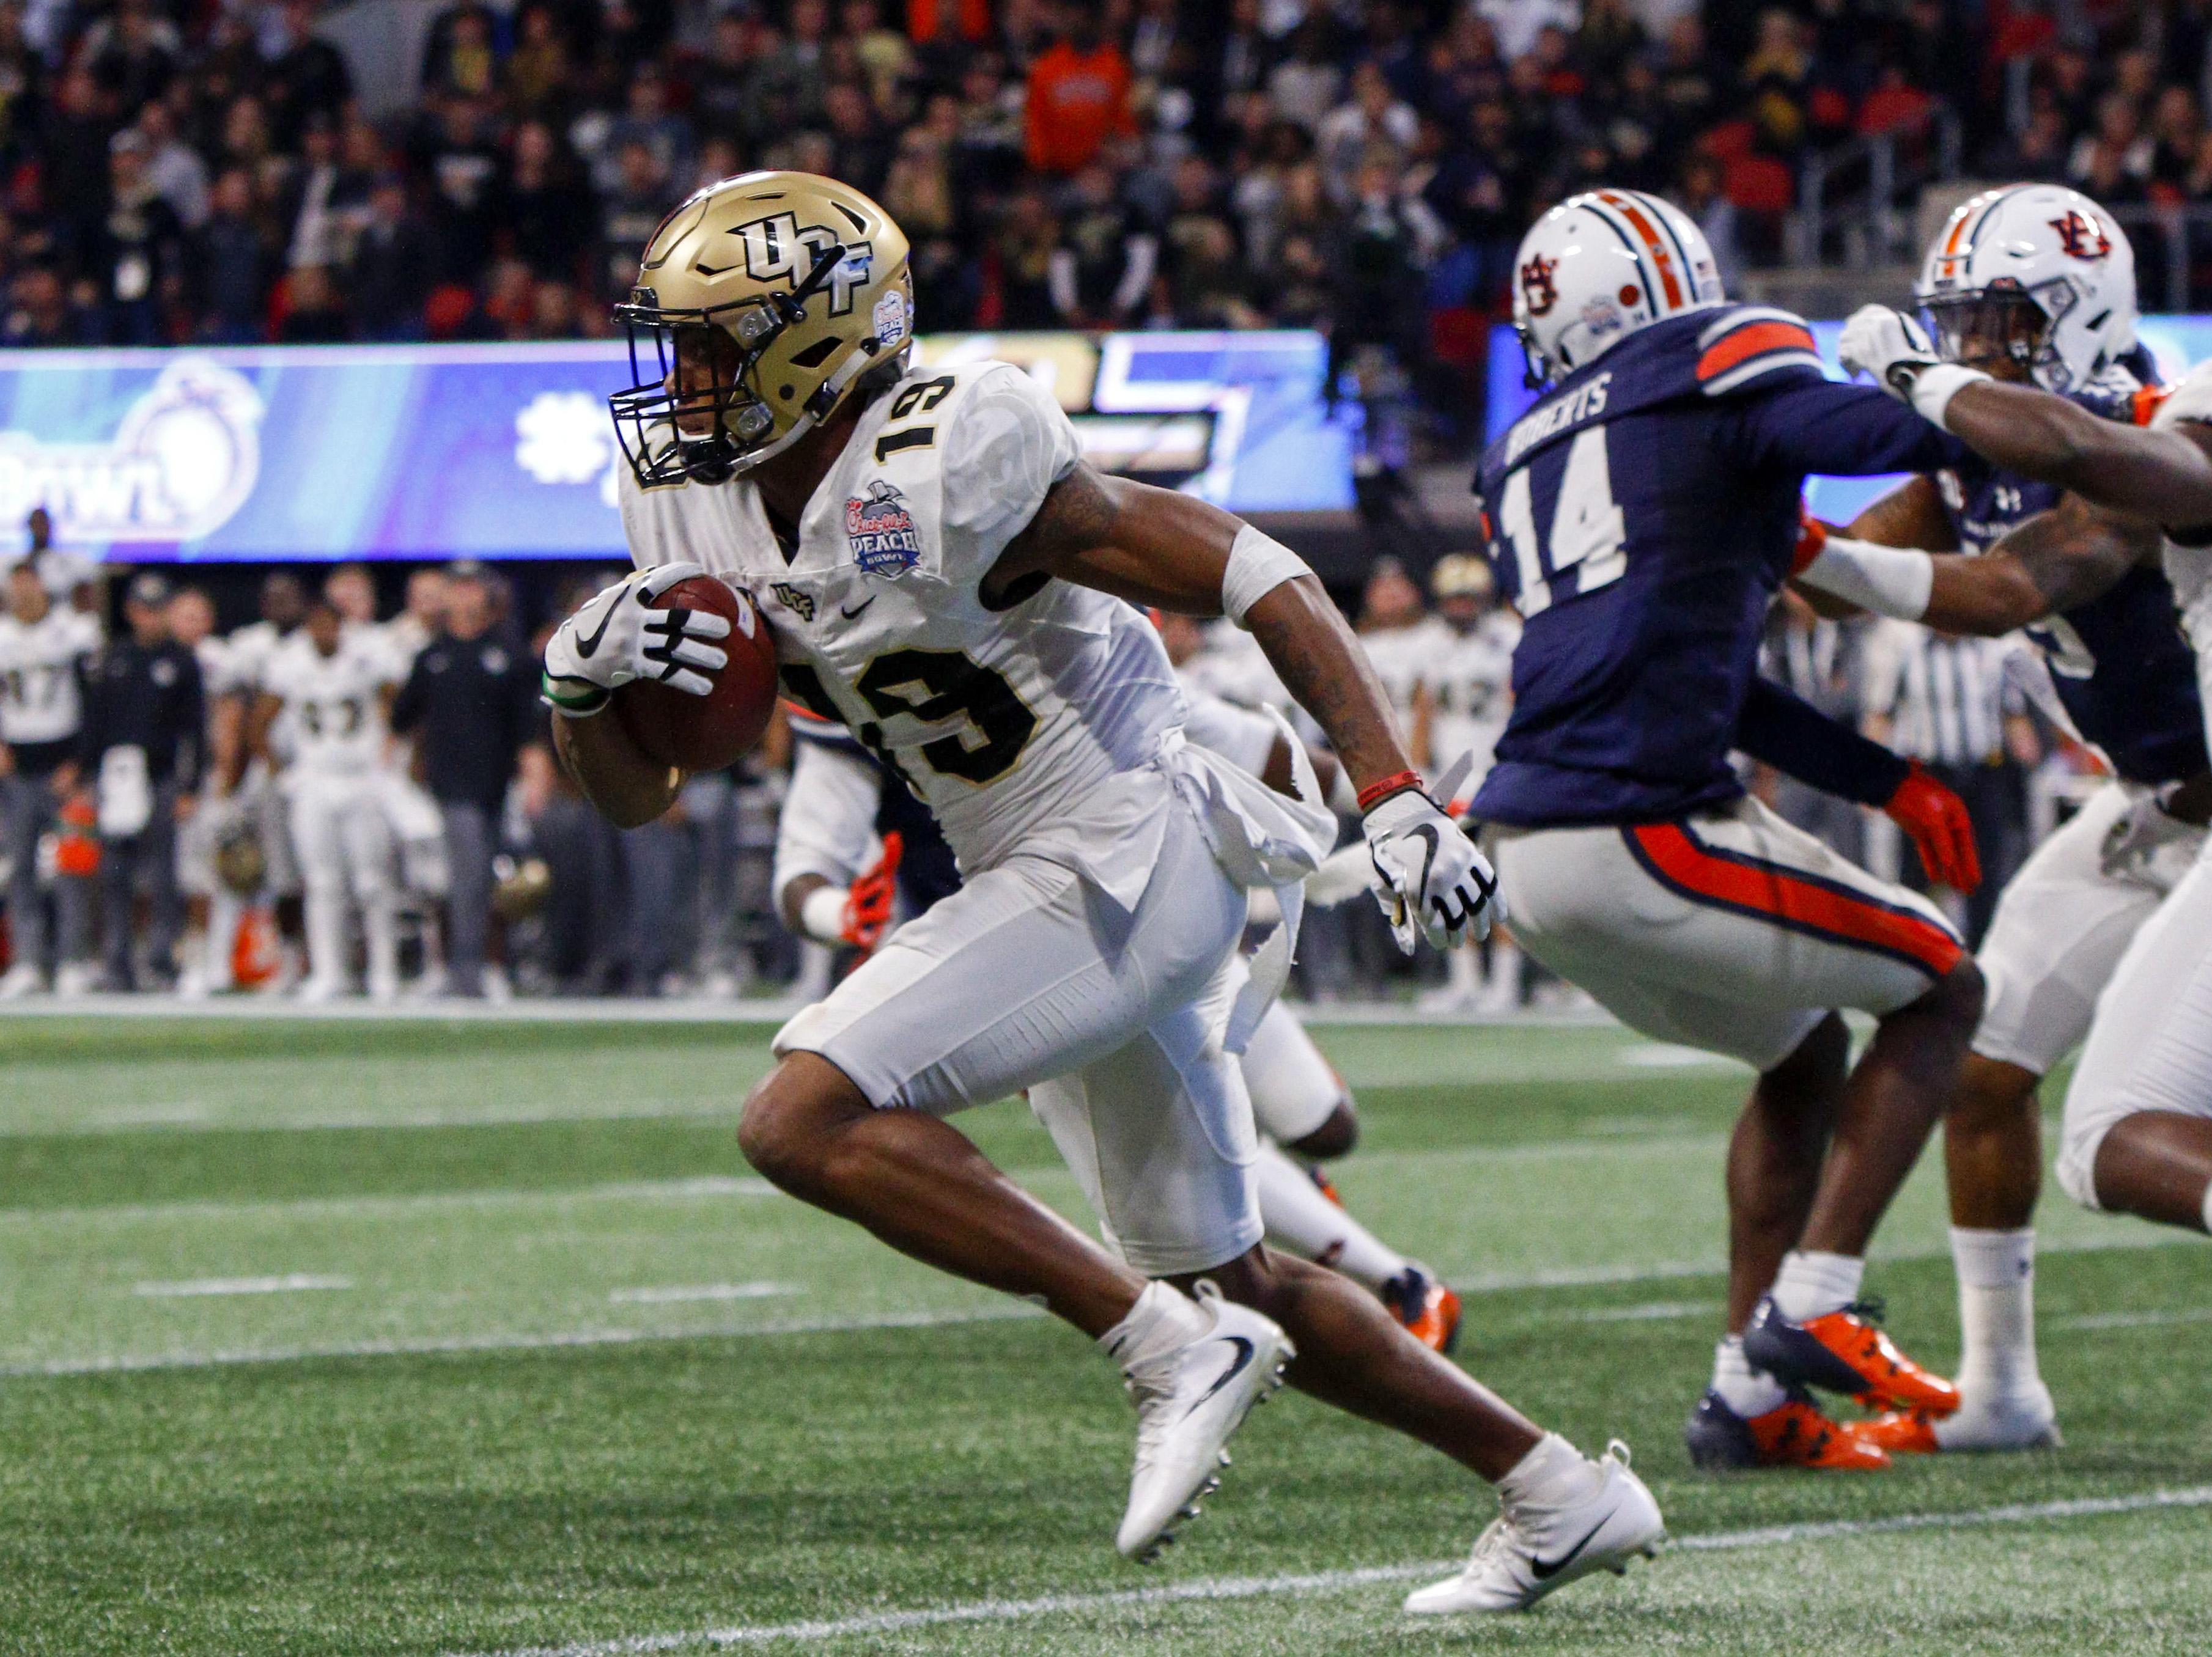 NCAA Football: Peach Bowl-Auburn vs Central Florida